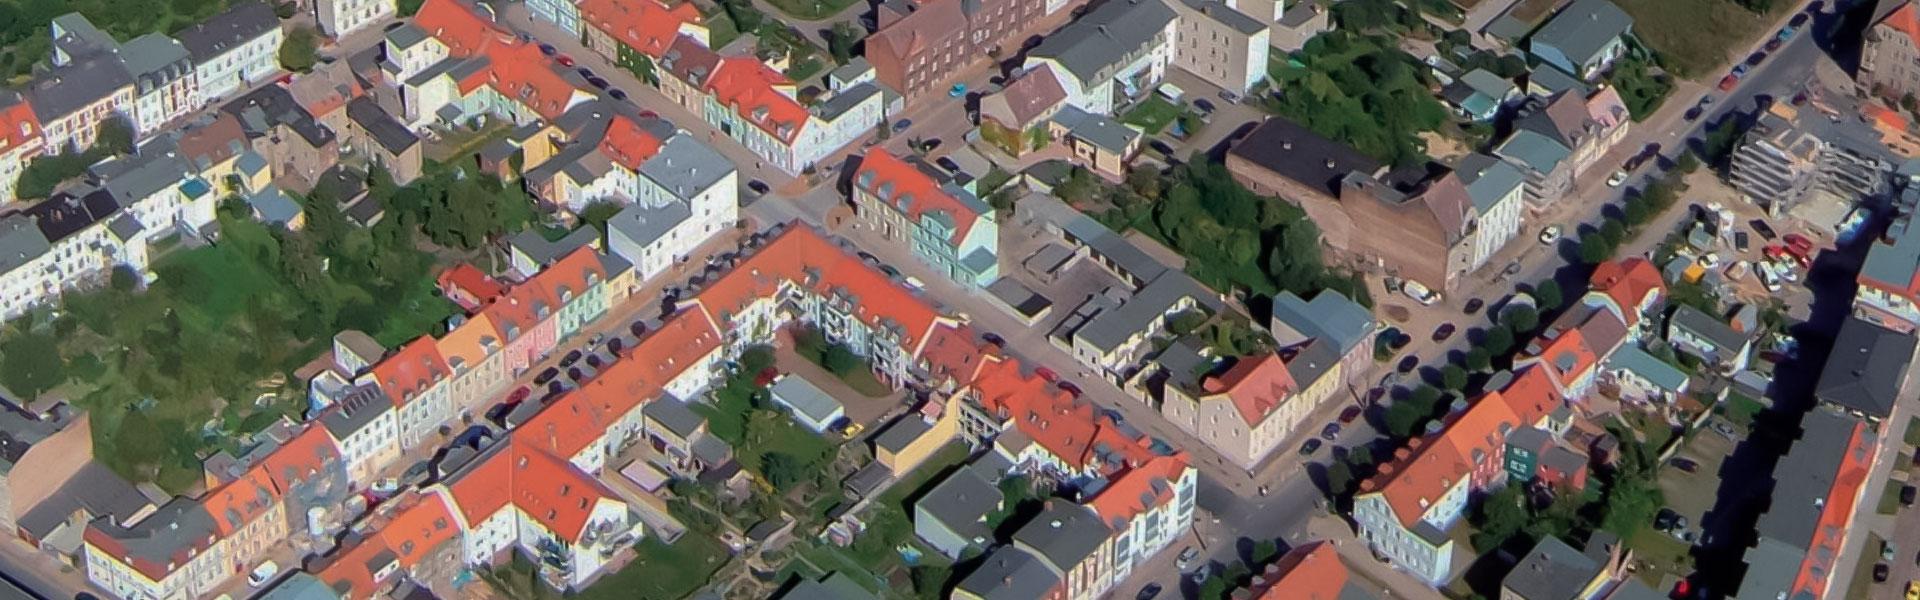 1-Änderung-von-Flächennutzungsplänen,-der-Aufstellung-von-Bebauungsplänen-bis-hin-zu-städtebaulichen-Einzelmaßnahmen-ipo-gmbh